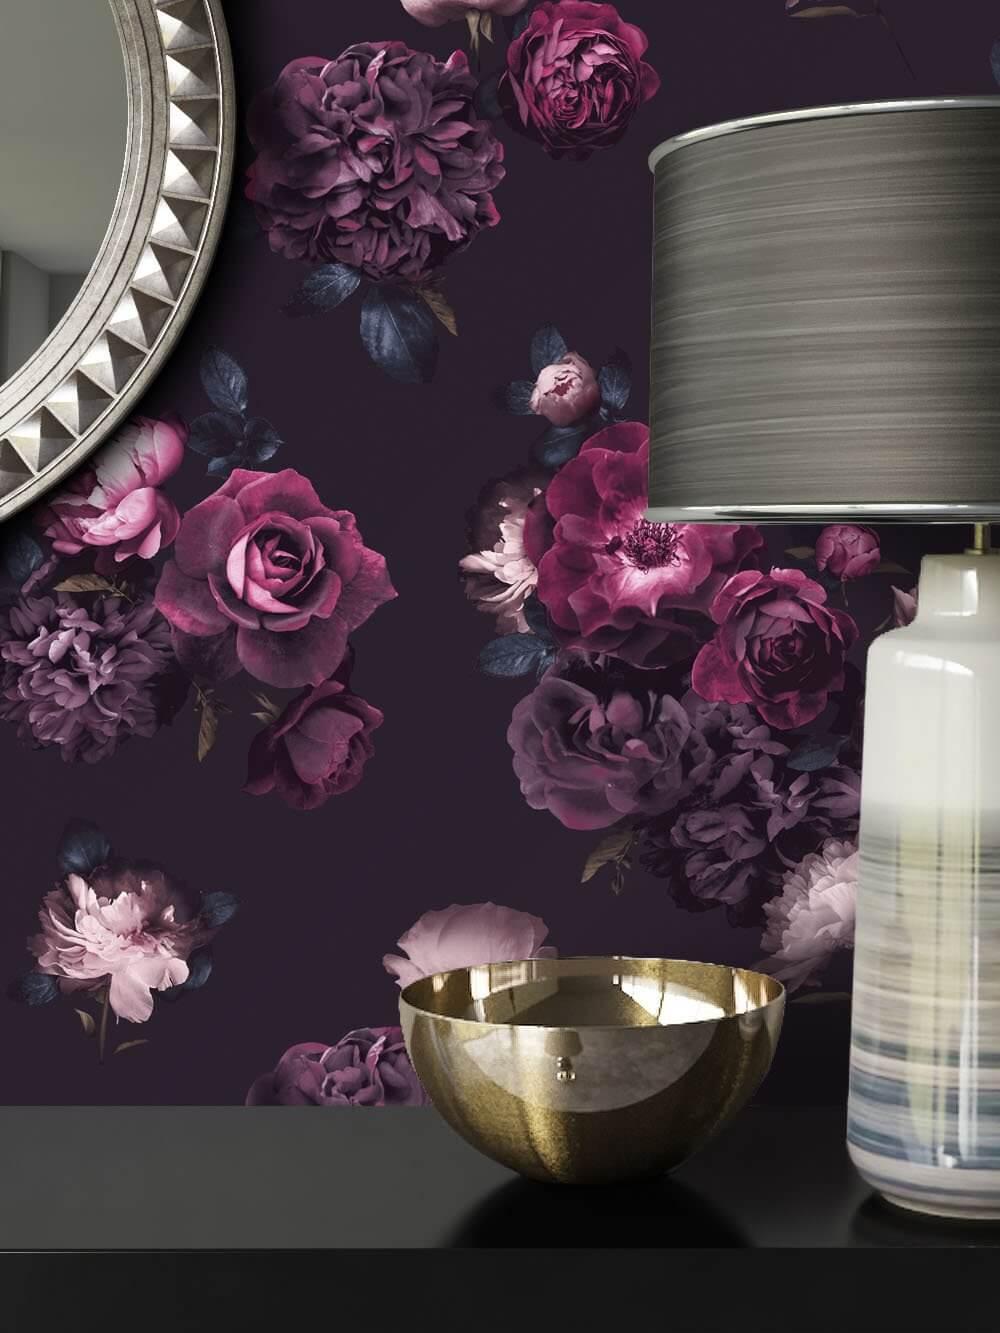 papiertapete schwarz floral rosen blumen newroom